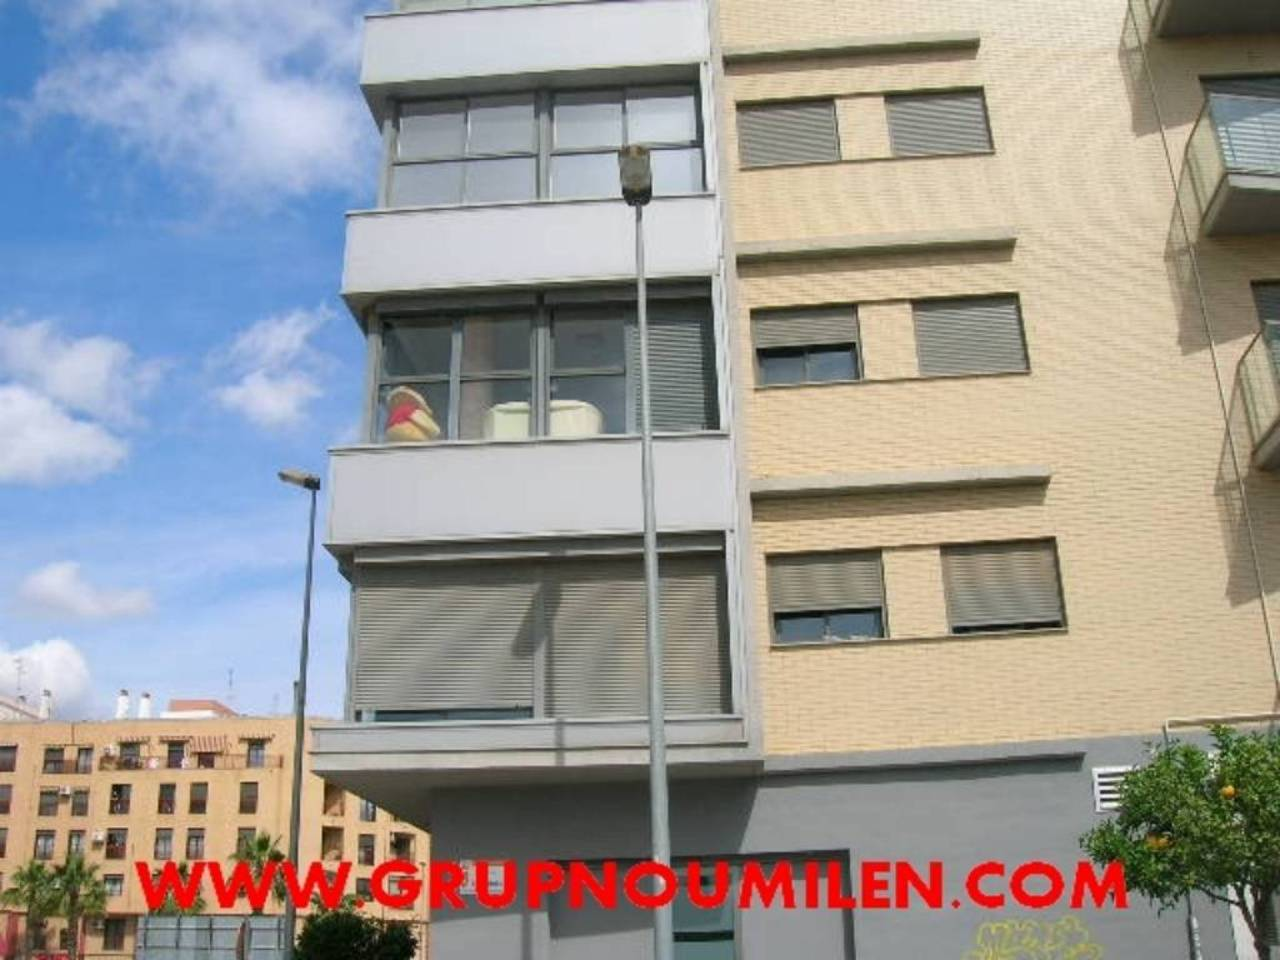 Lloguer Aparcament cotxe  Parc central. Superf. 15 m², 15 plazas, ascensor, varia disponibles, finca de